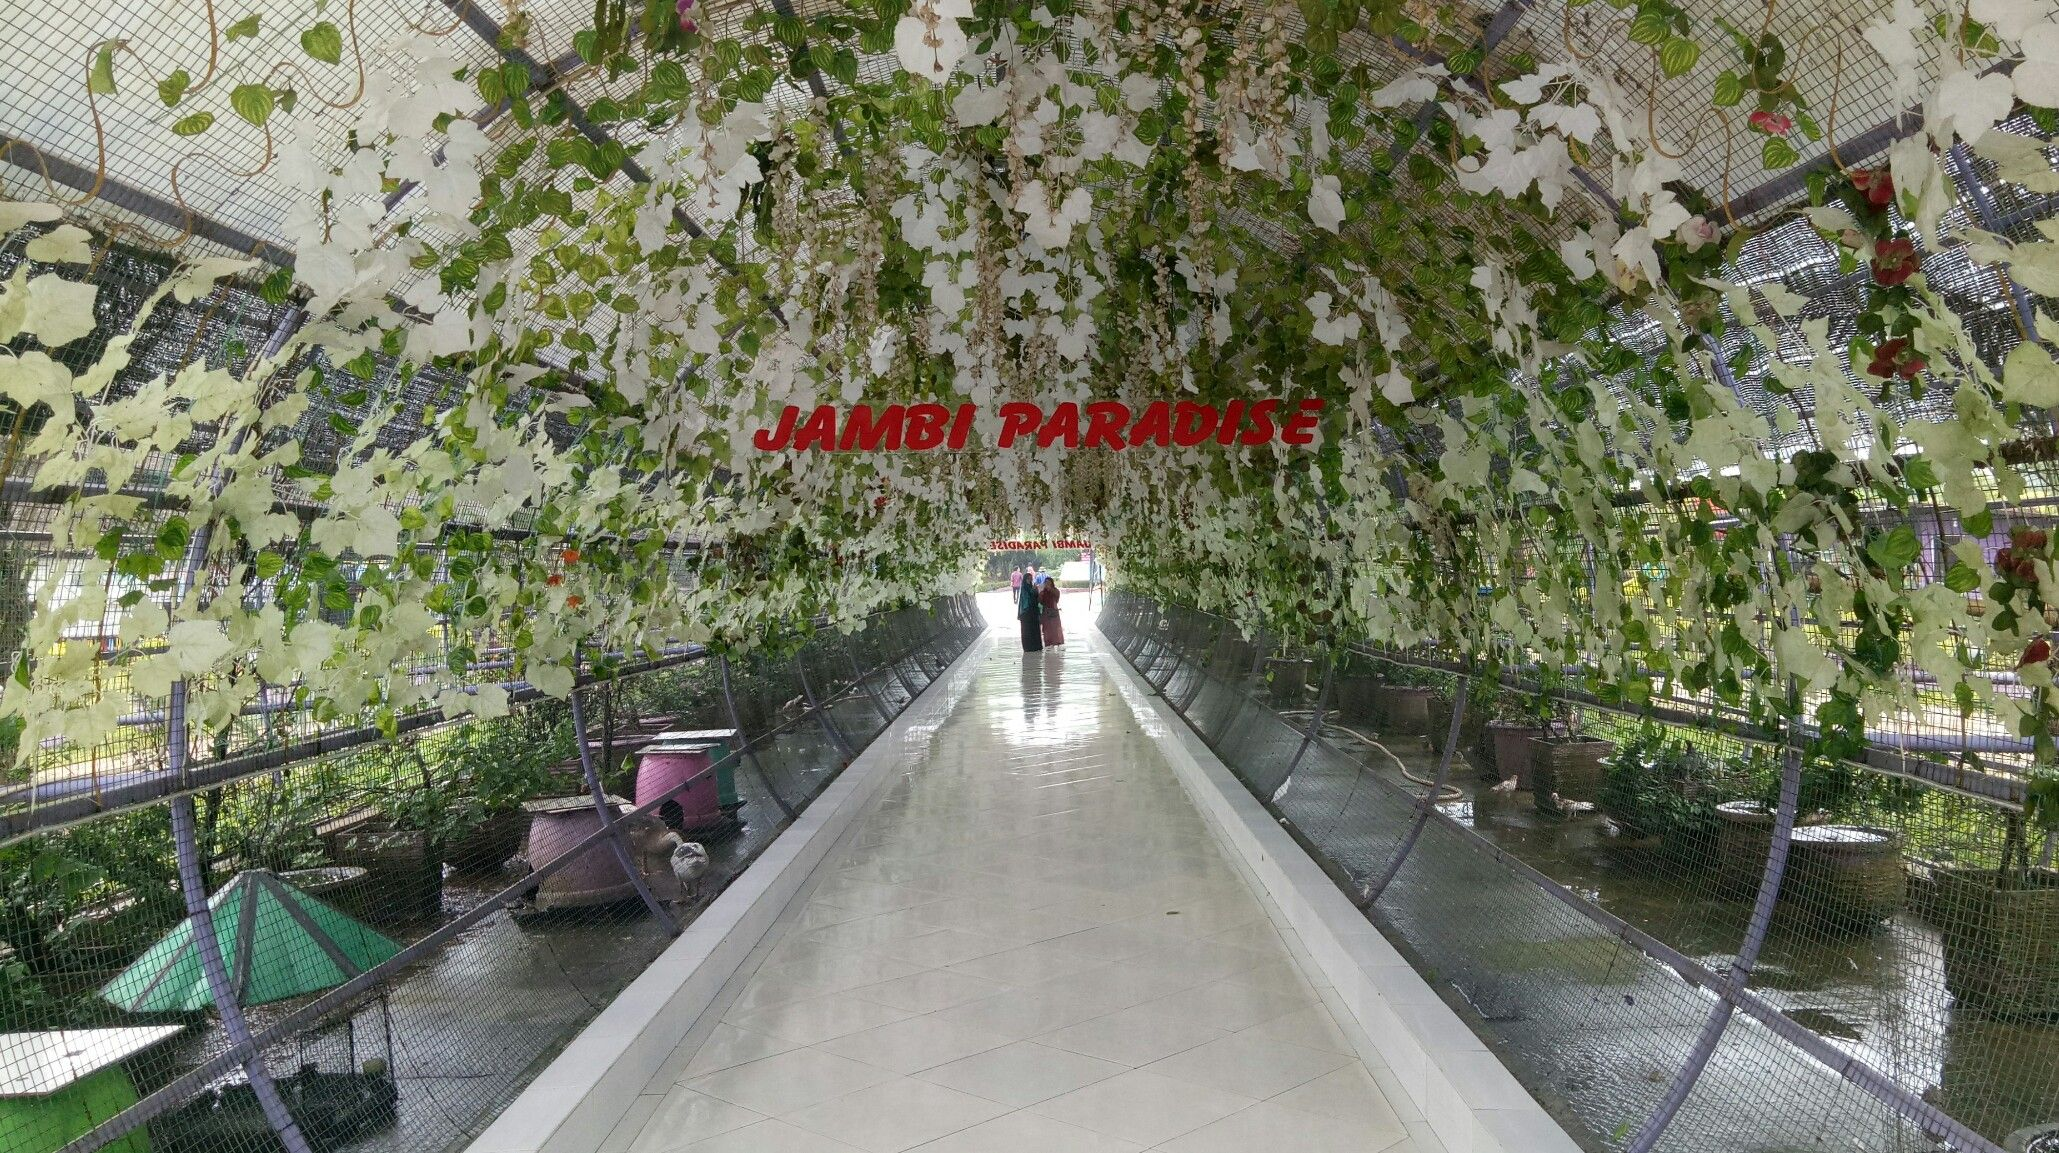 Jambi Paradise Destinasi Asyik Kota Lorong Cantik Instagramble Raja Adil